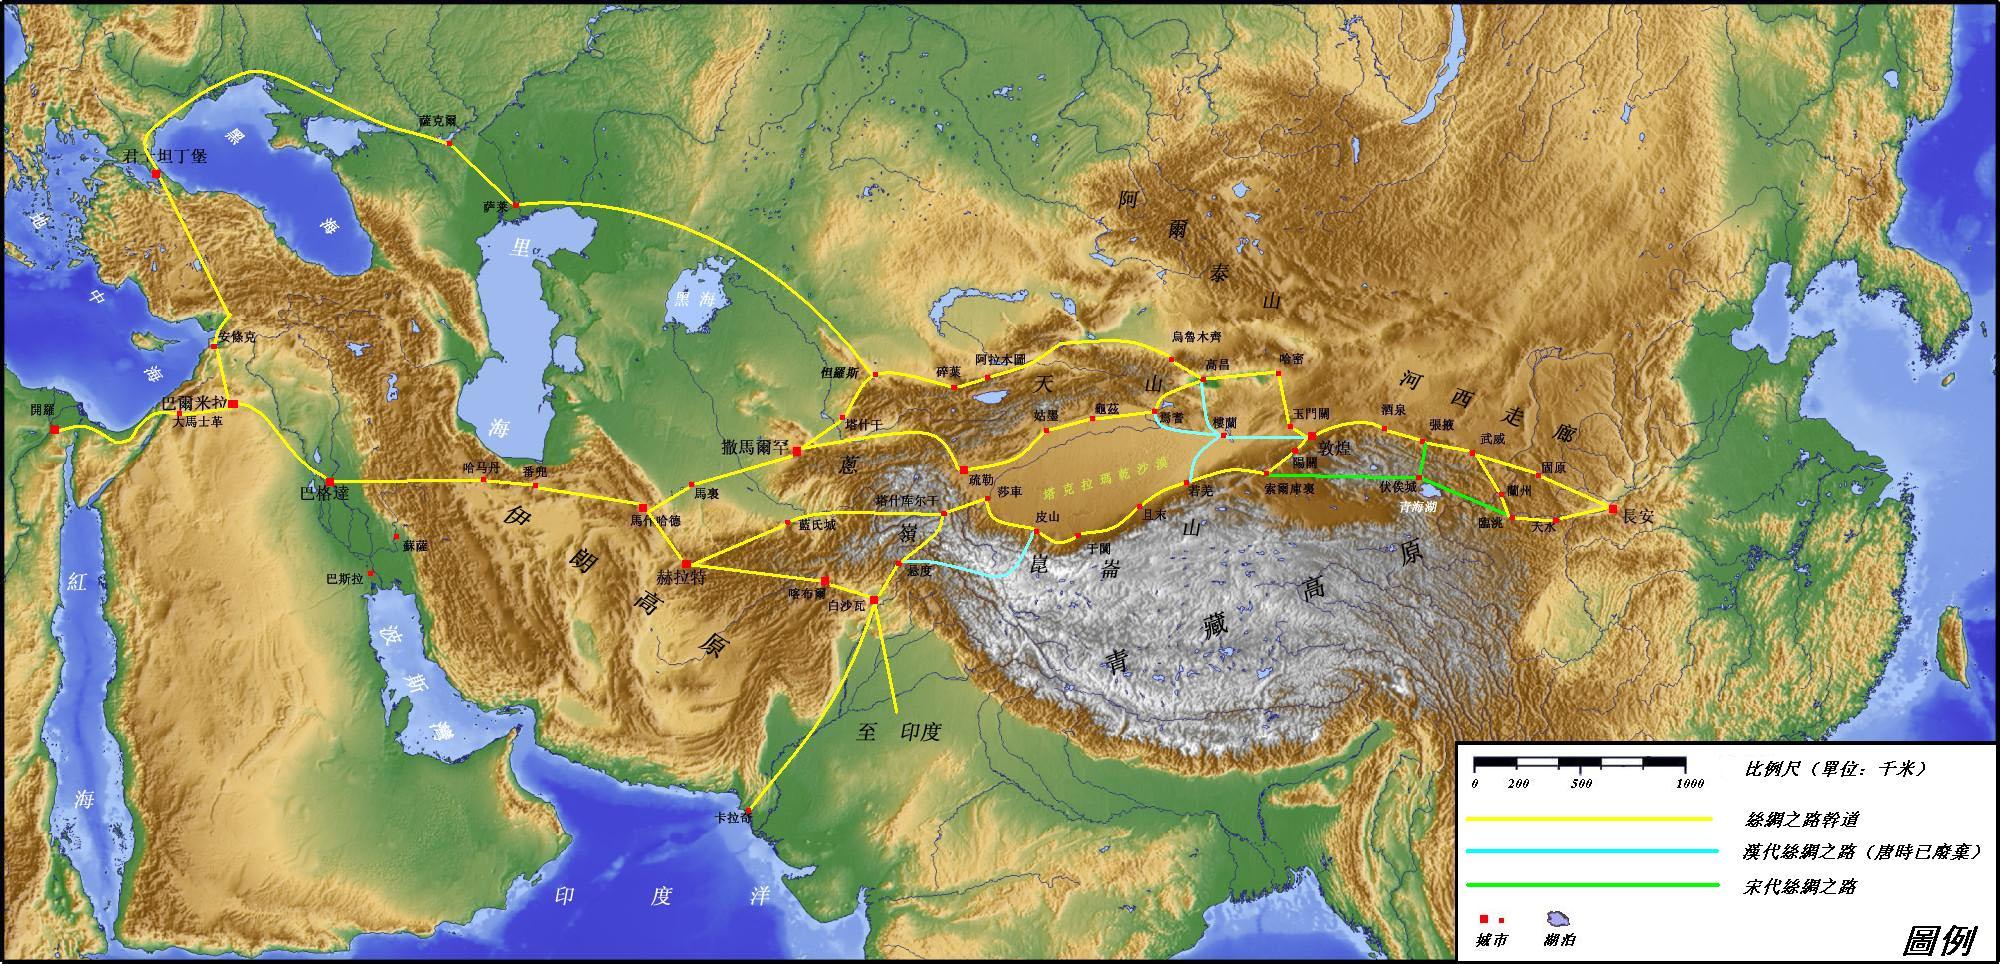 丝绸之路(古代交通路线);